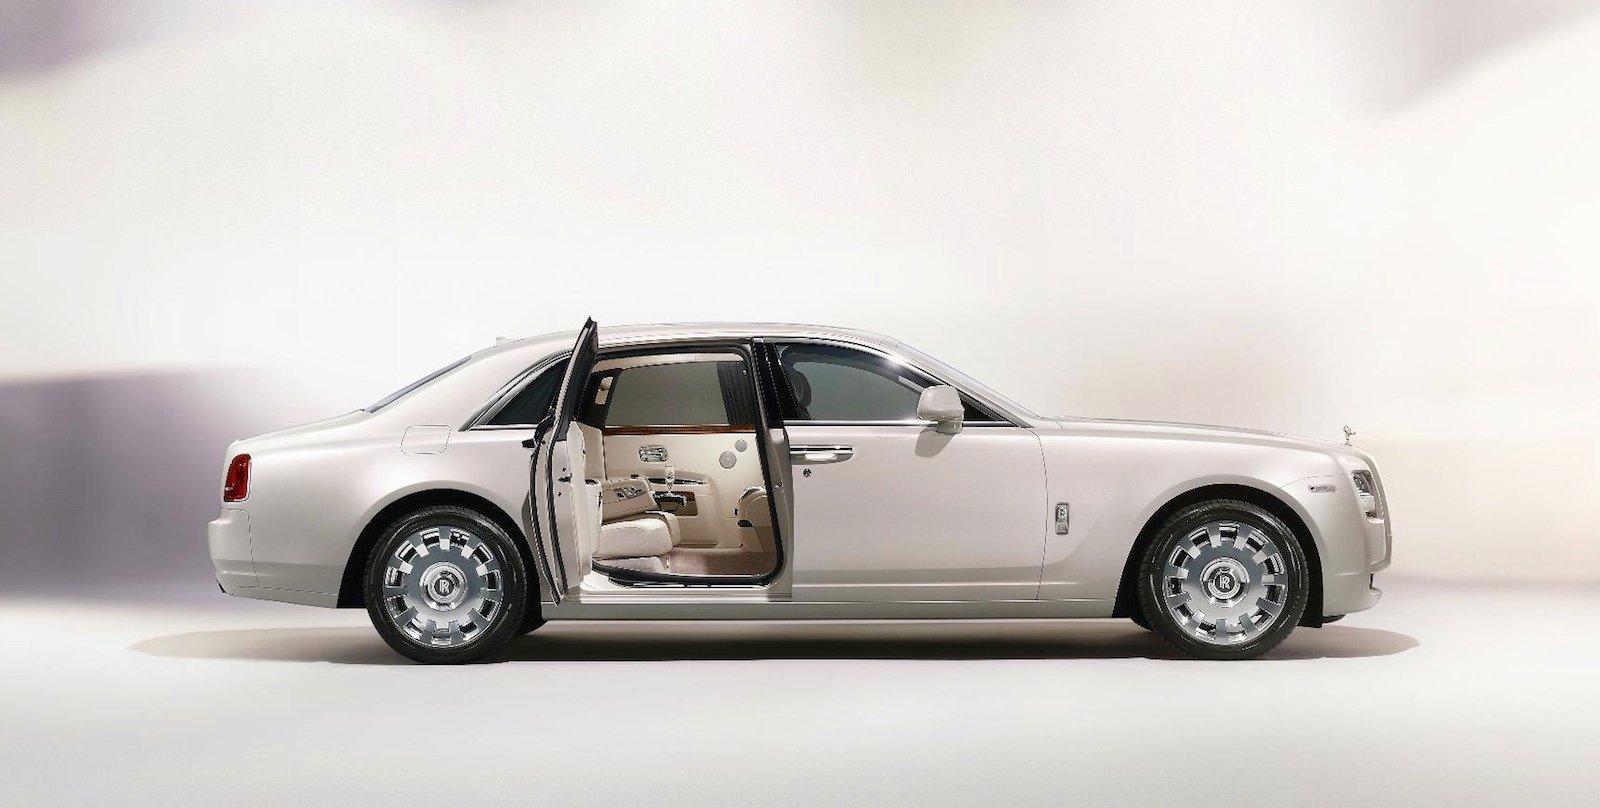 2016 Rolls Royce Ghost >> Rolls-Royce Ghost Six Senses, Phantom Series II EWB ...